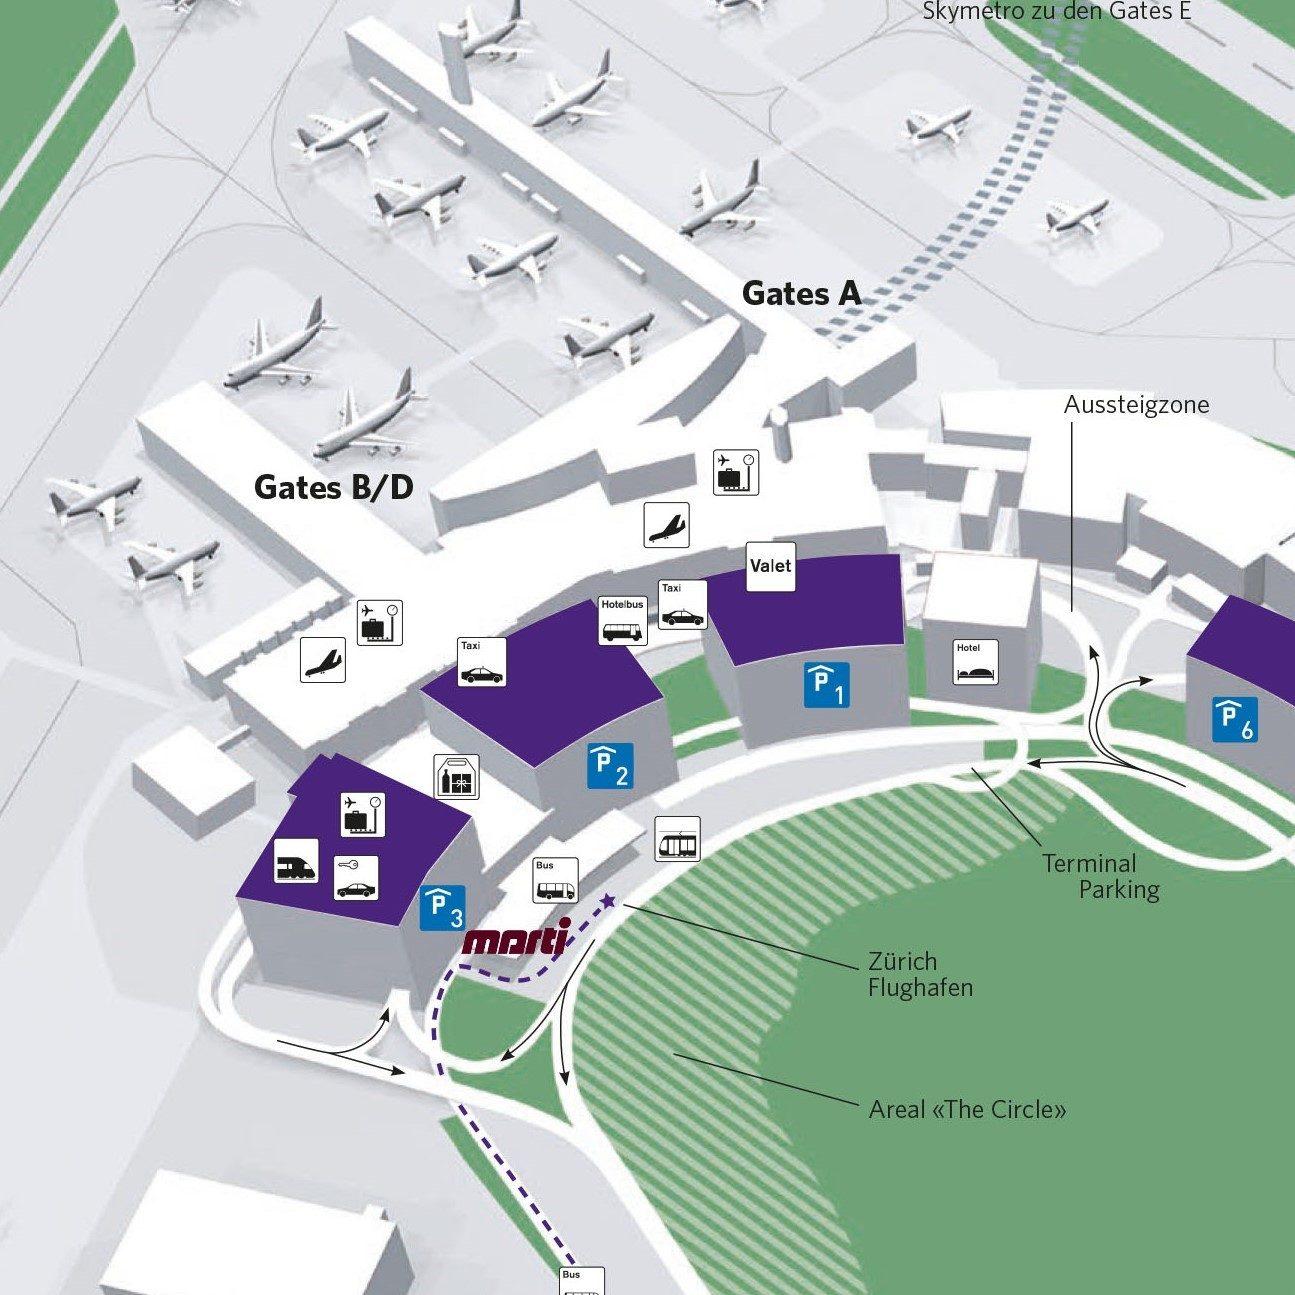 Plan Anfahrt Flughafen Zuerich 2015.indd